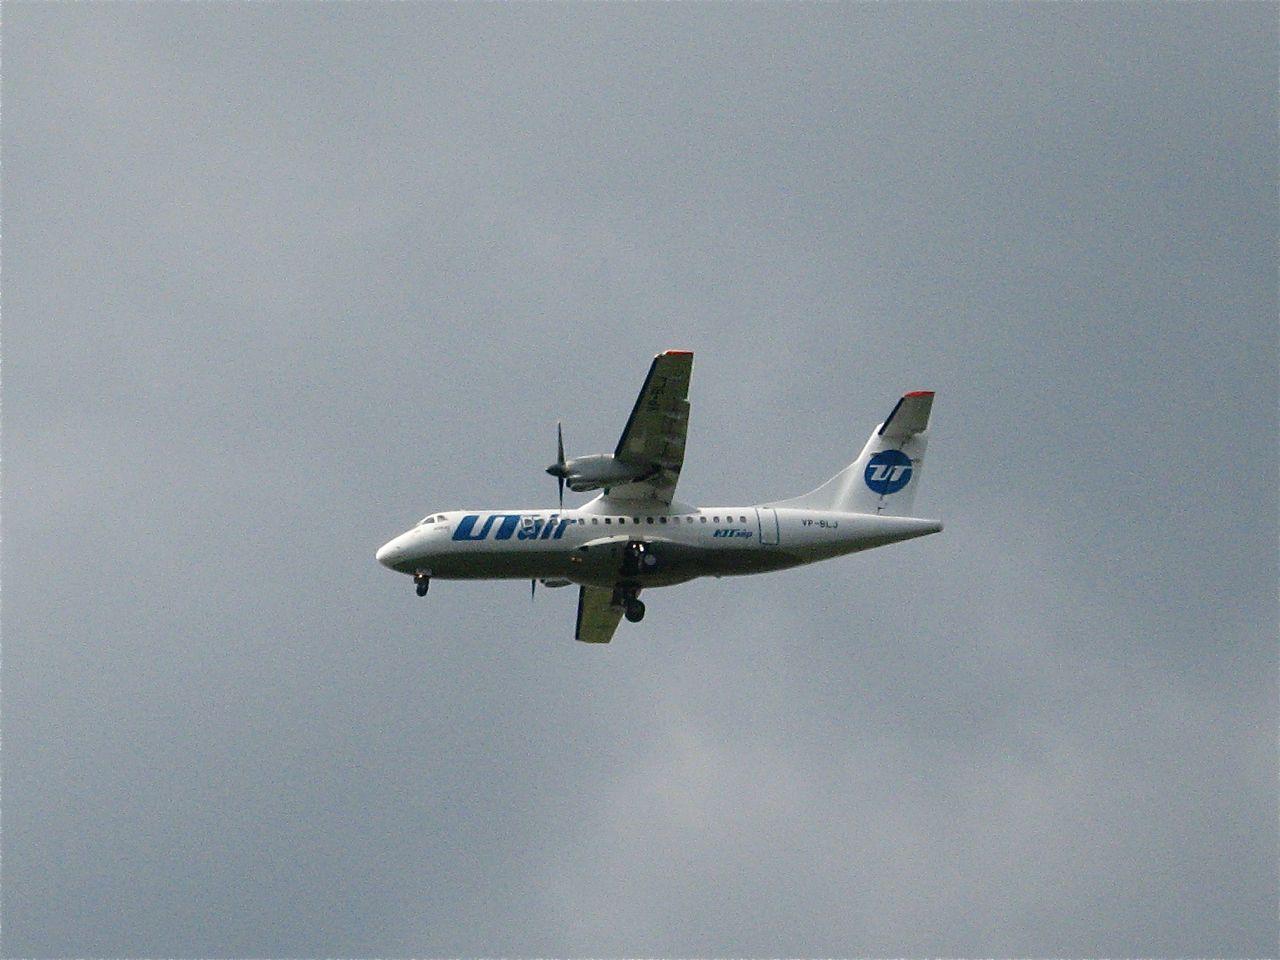 Бразильский самолетег ATR-42